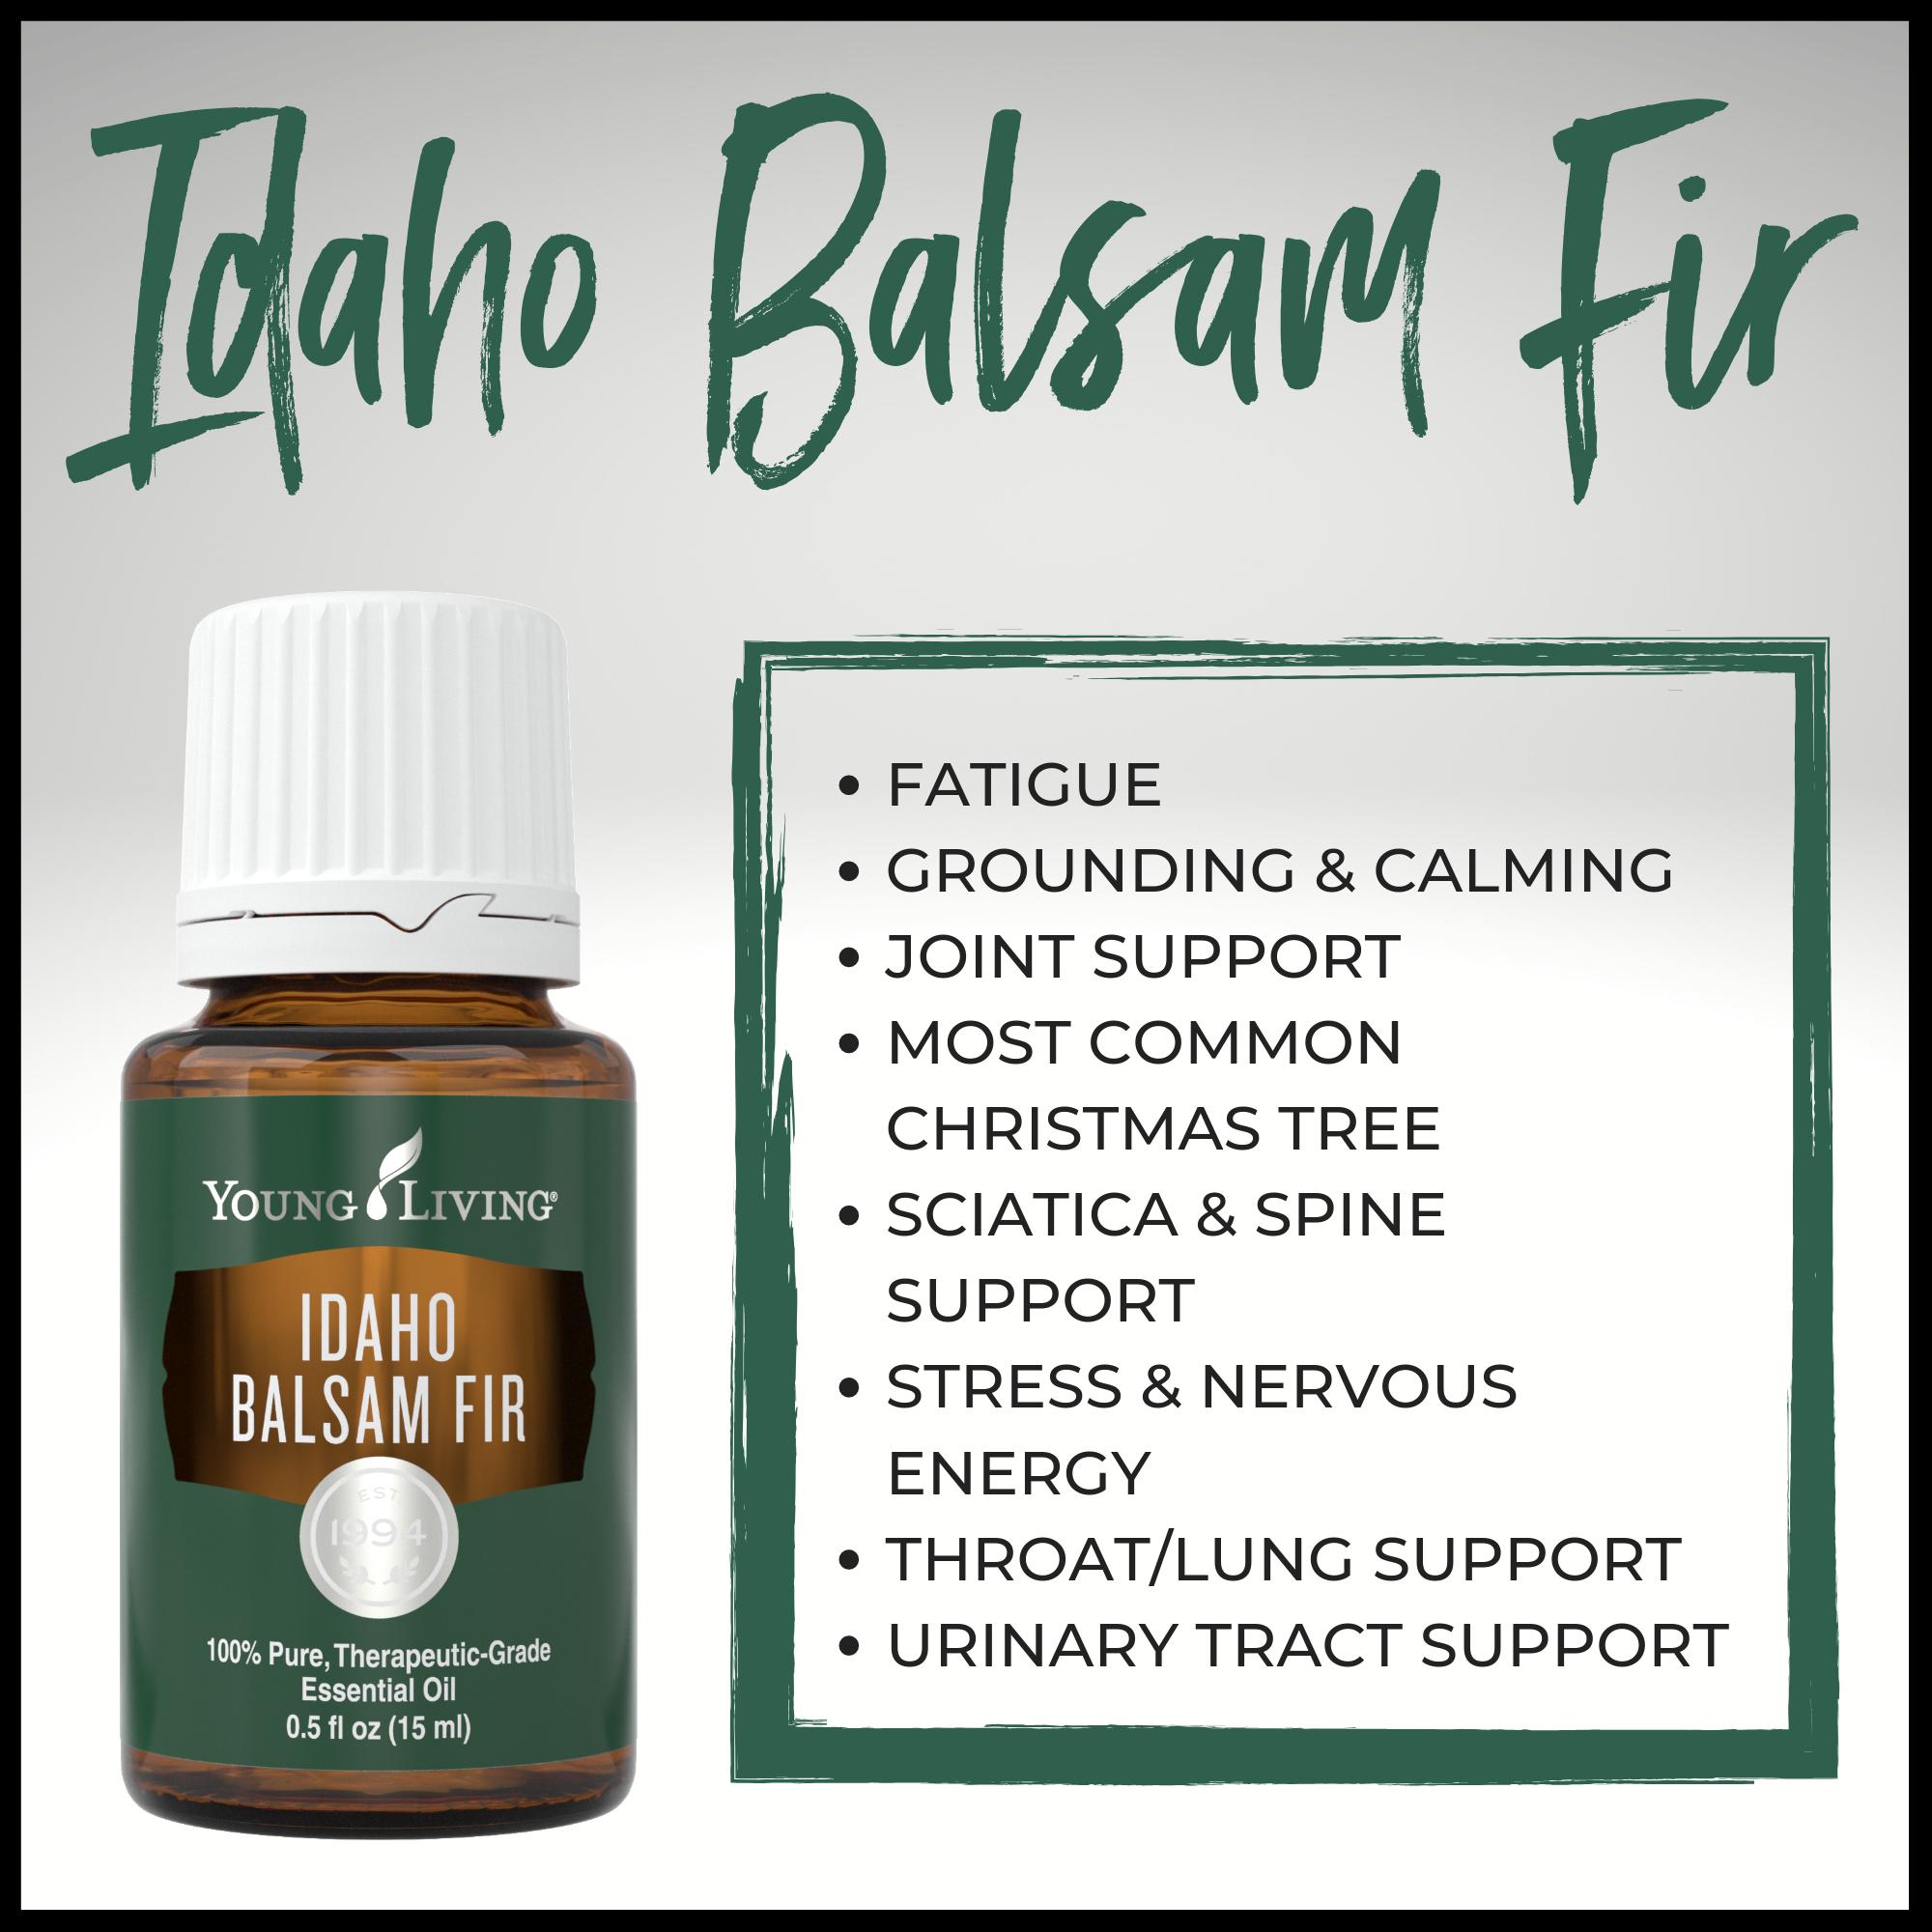 Idaho Balsam Fir